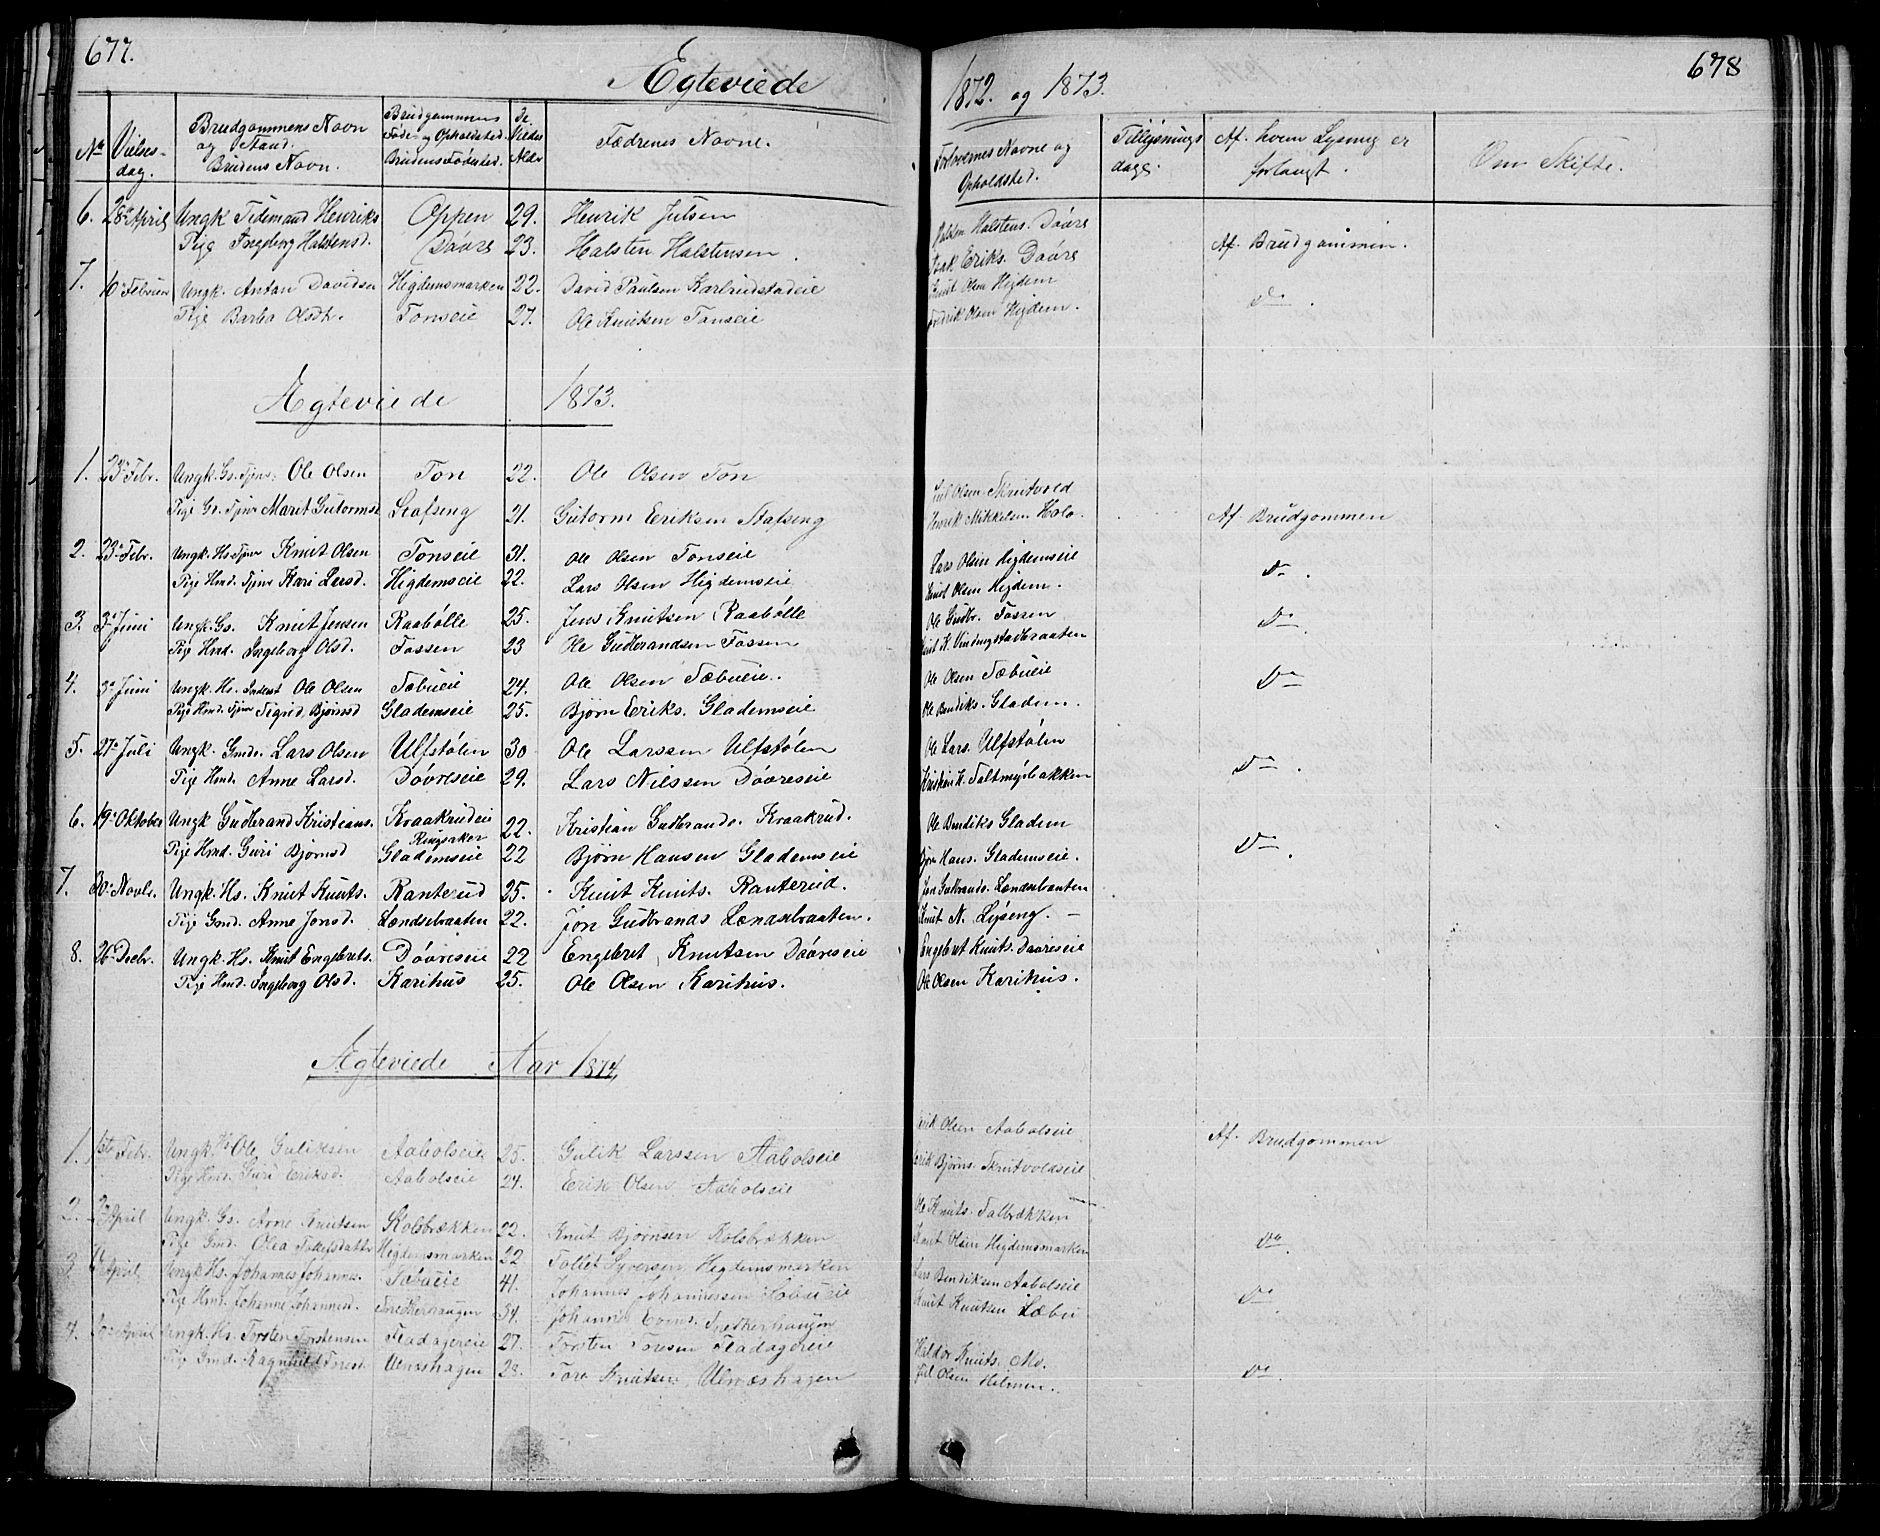 SAH, Nord-Aurdal prestekontor, Klokkerbok nr. 1, 1834-1887, s. 677-678